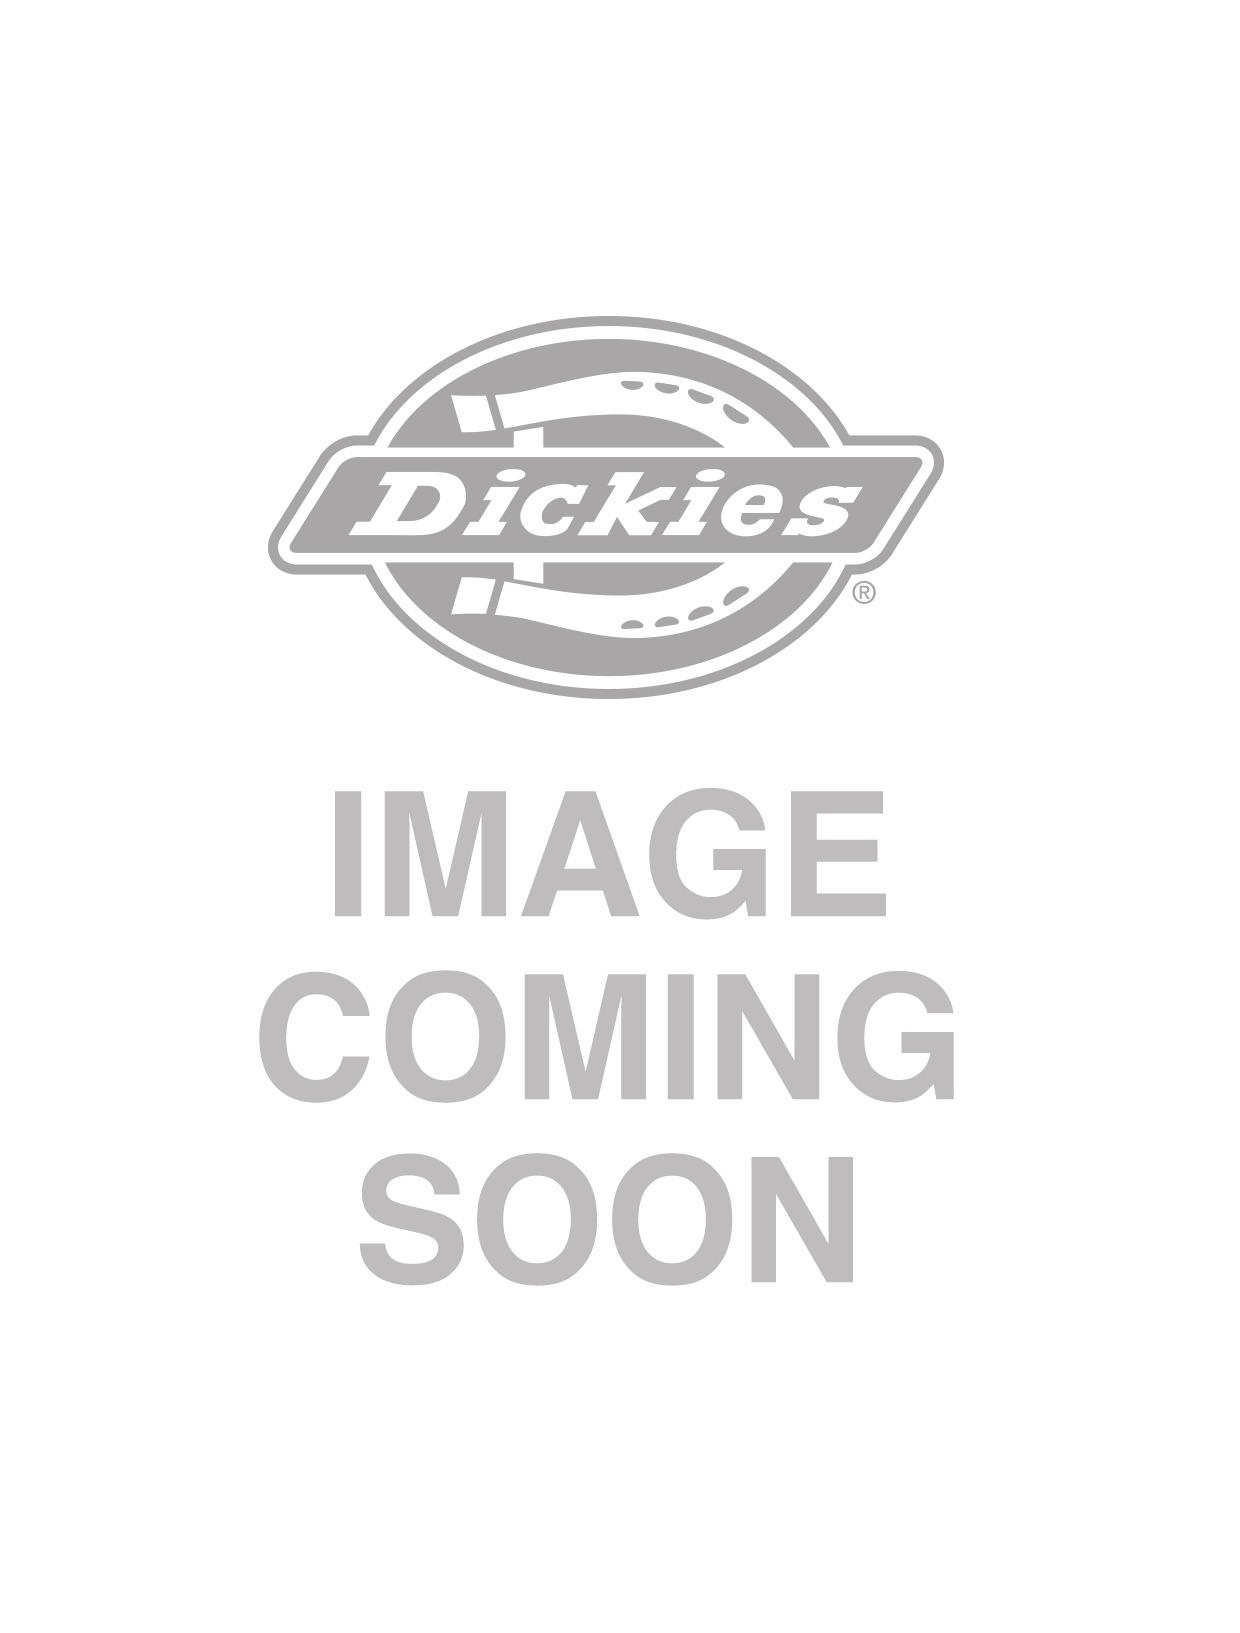 Dickies Jonesville Cap